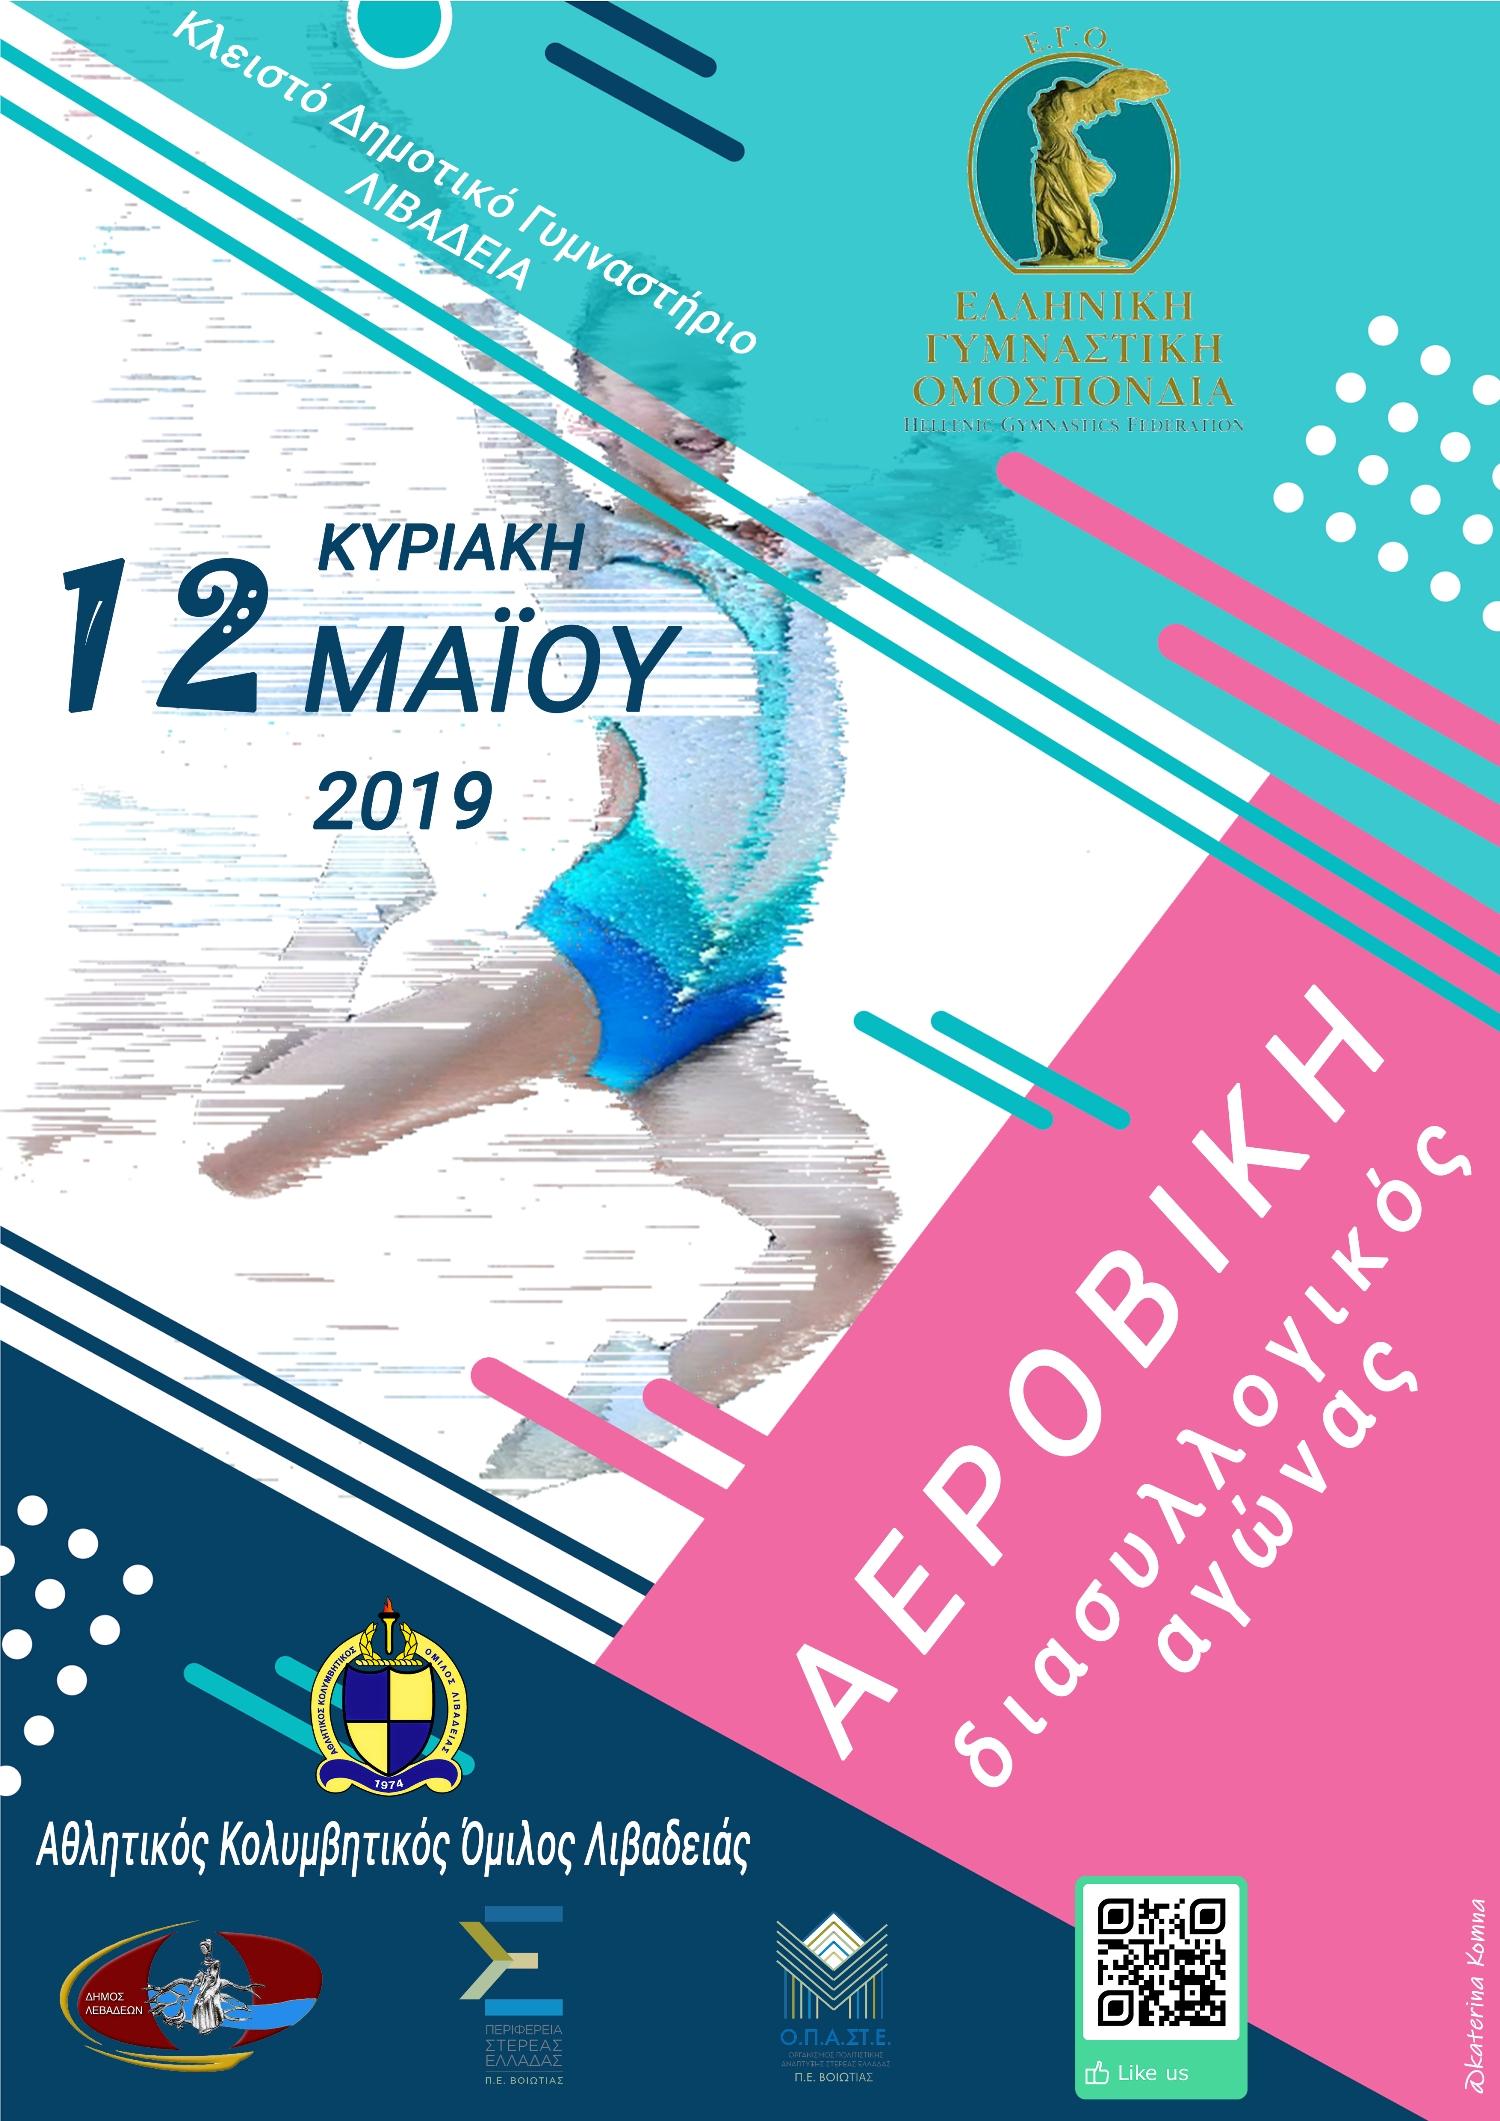 diasyllogikos-aerovikis-livadeia-2019